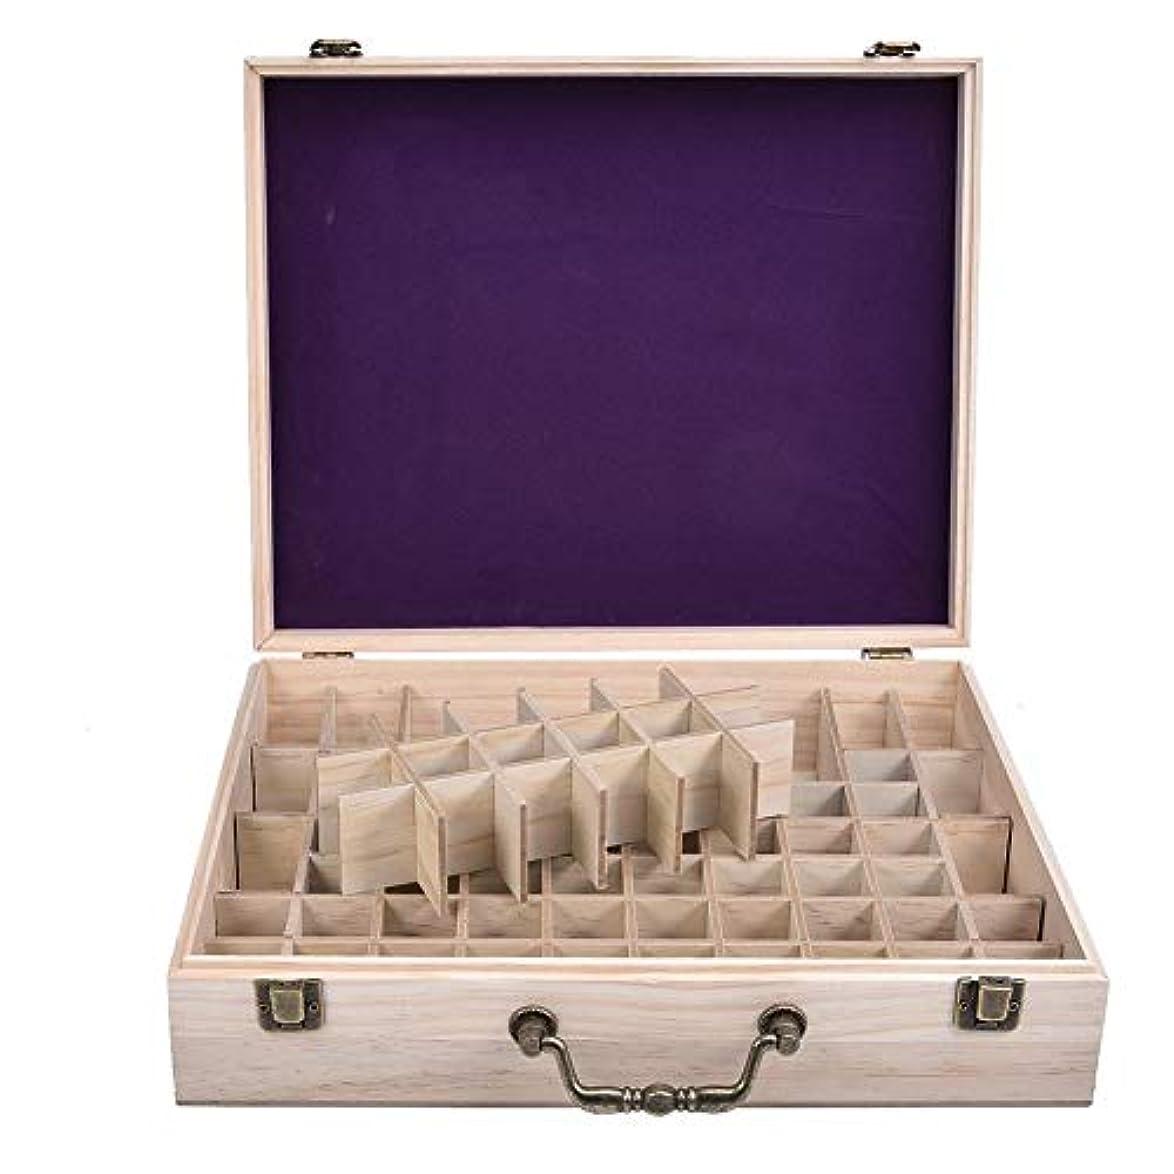 断言するくま泥沼エッセンシャルオイル収納ケース 精油収納ボックス 木製 72本収納可能 大容量 取り外し可能なグリッド 5ml?10ml?15ml?115mlの精油ボルトに対応 junexi